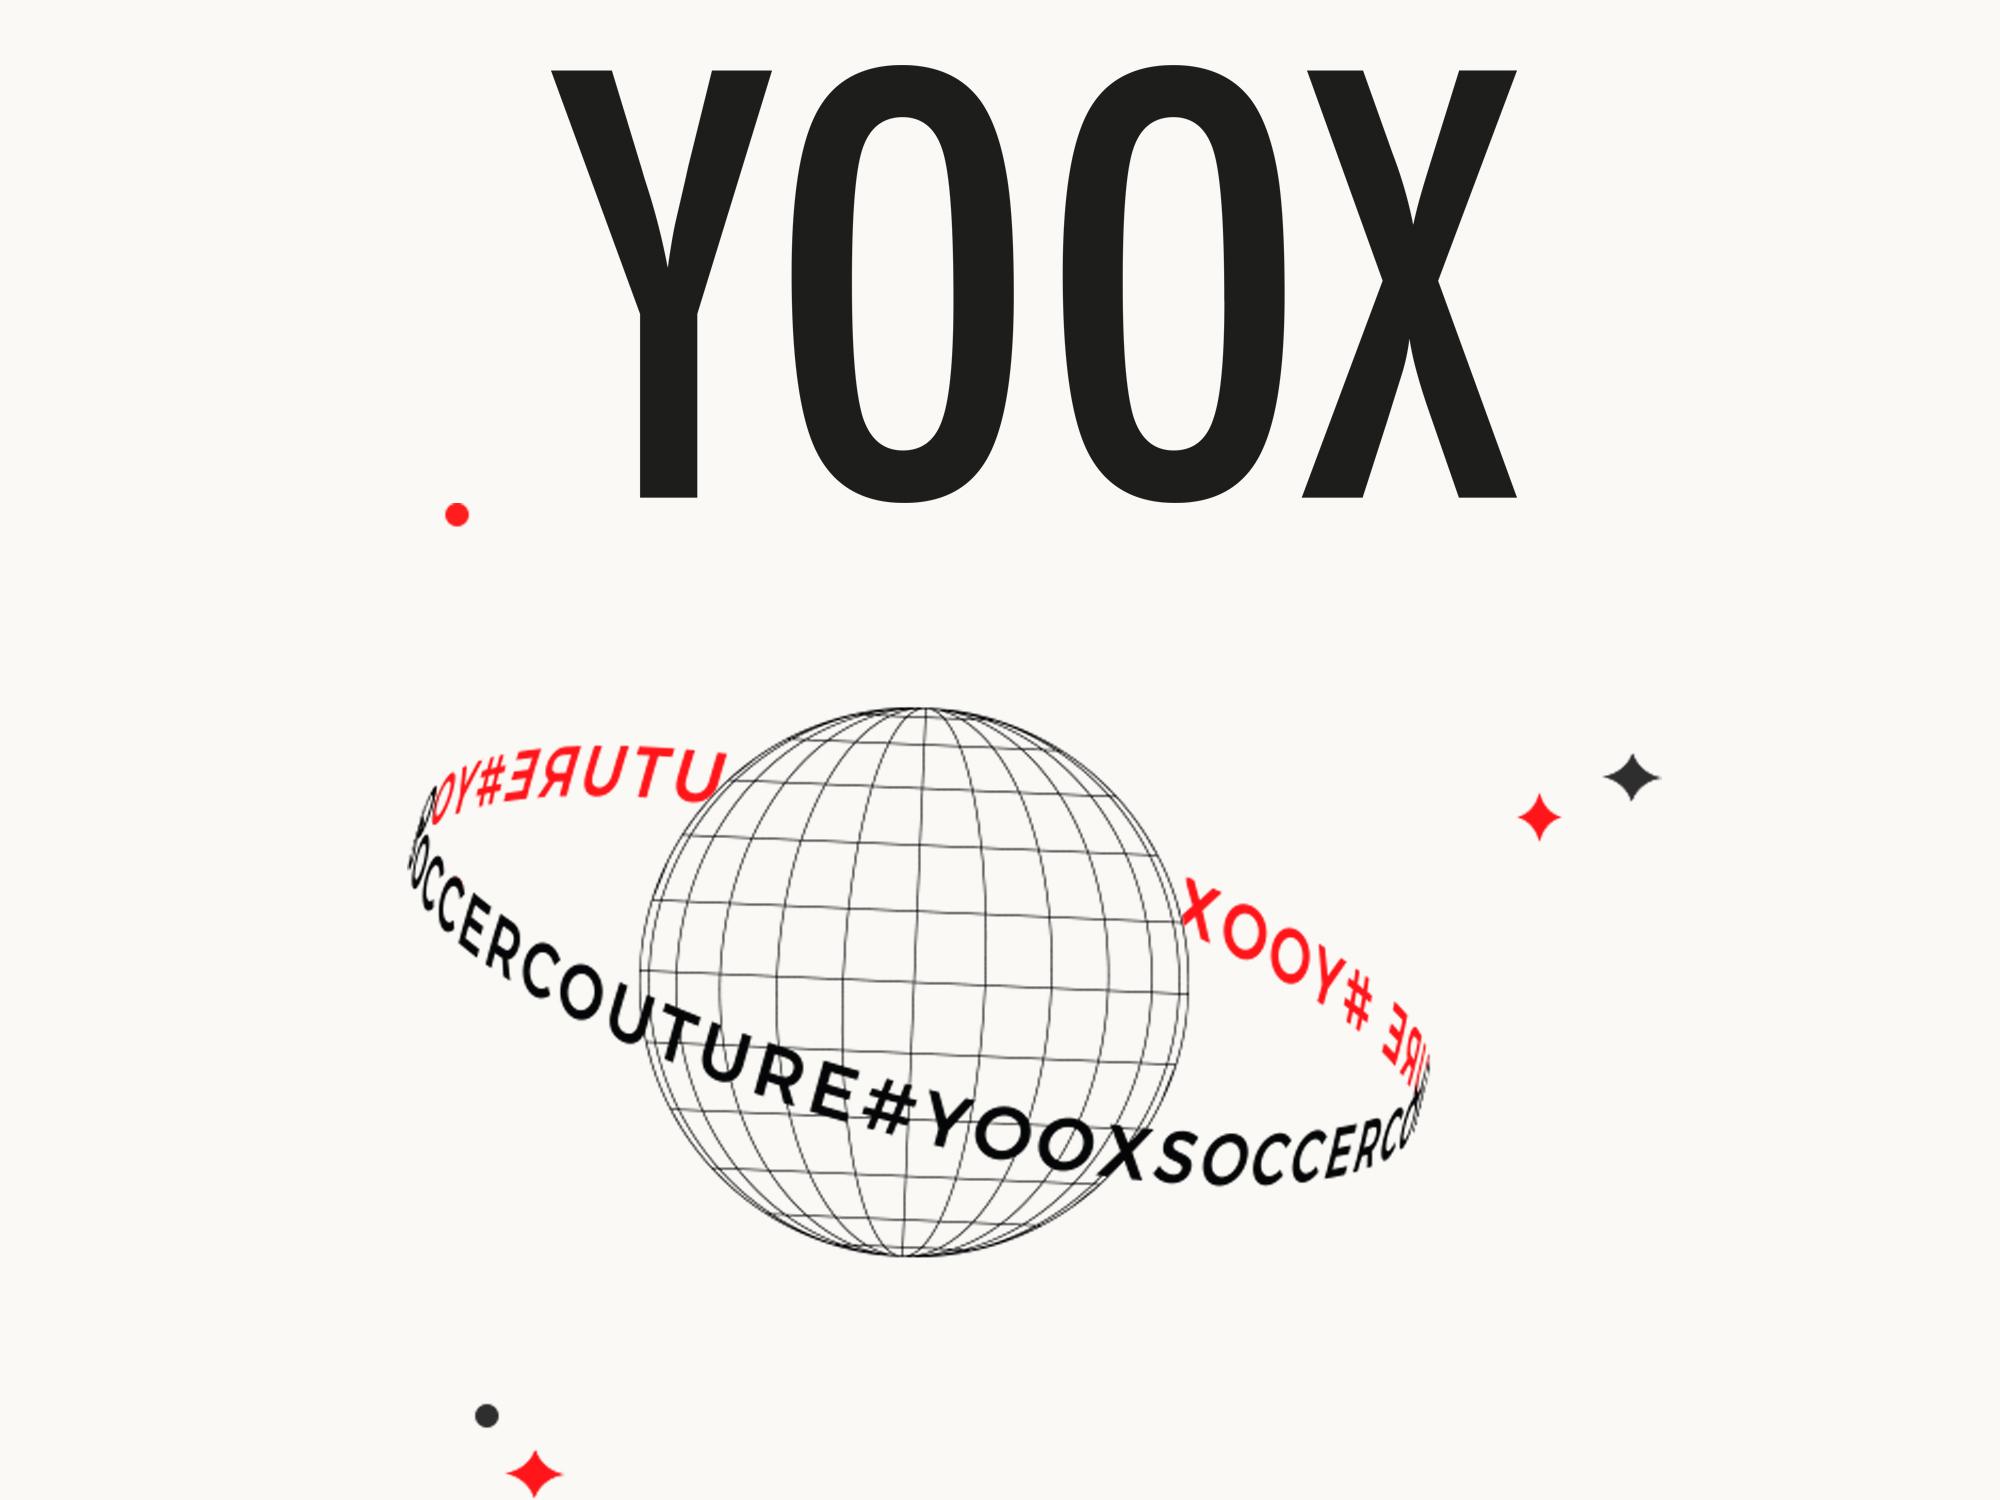 Bend it like #YOOXSOCCERCOUTURE Sepp Football Fashion x Yoox